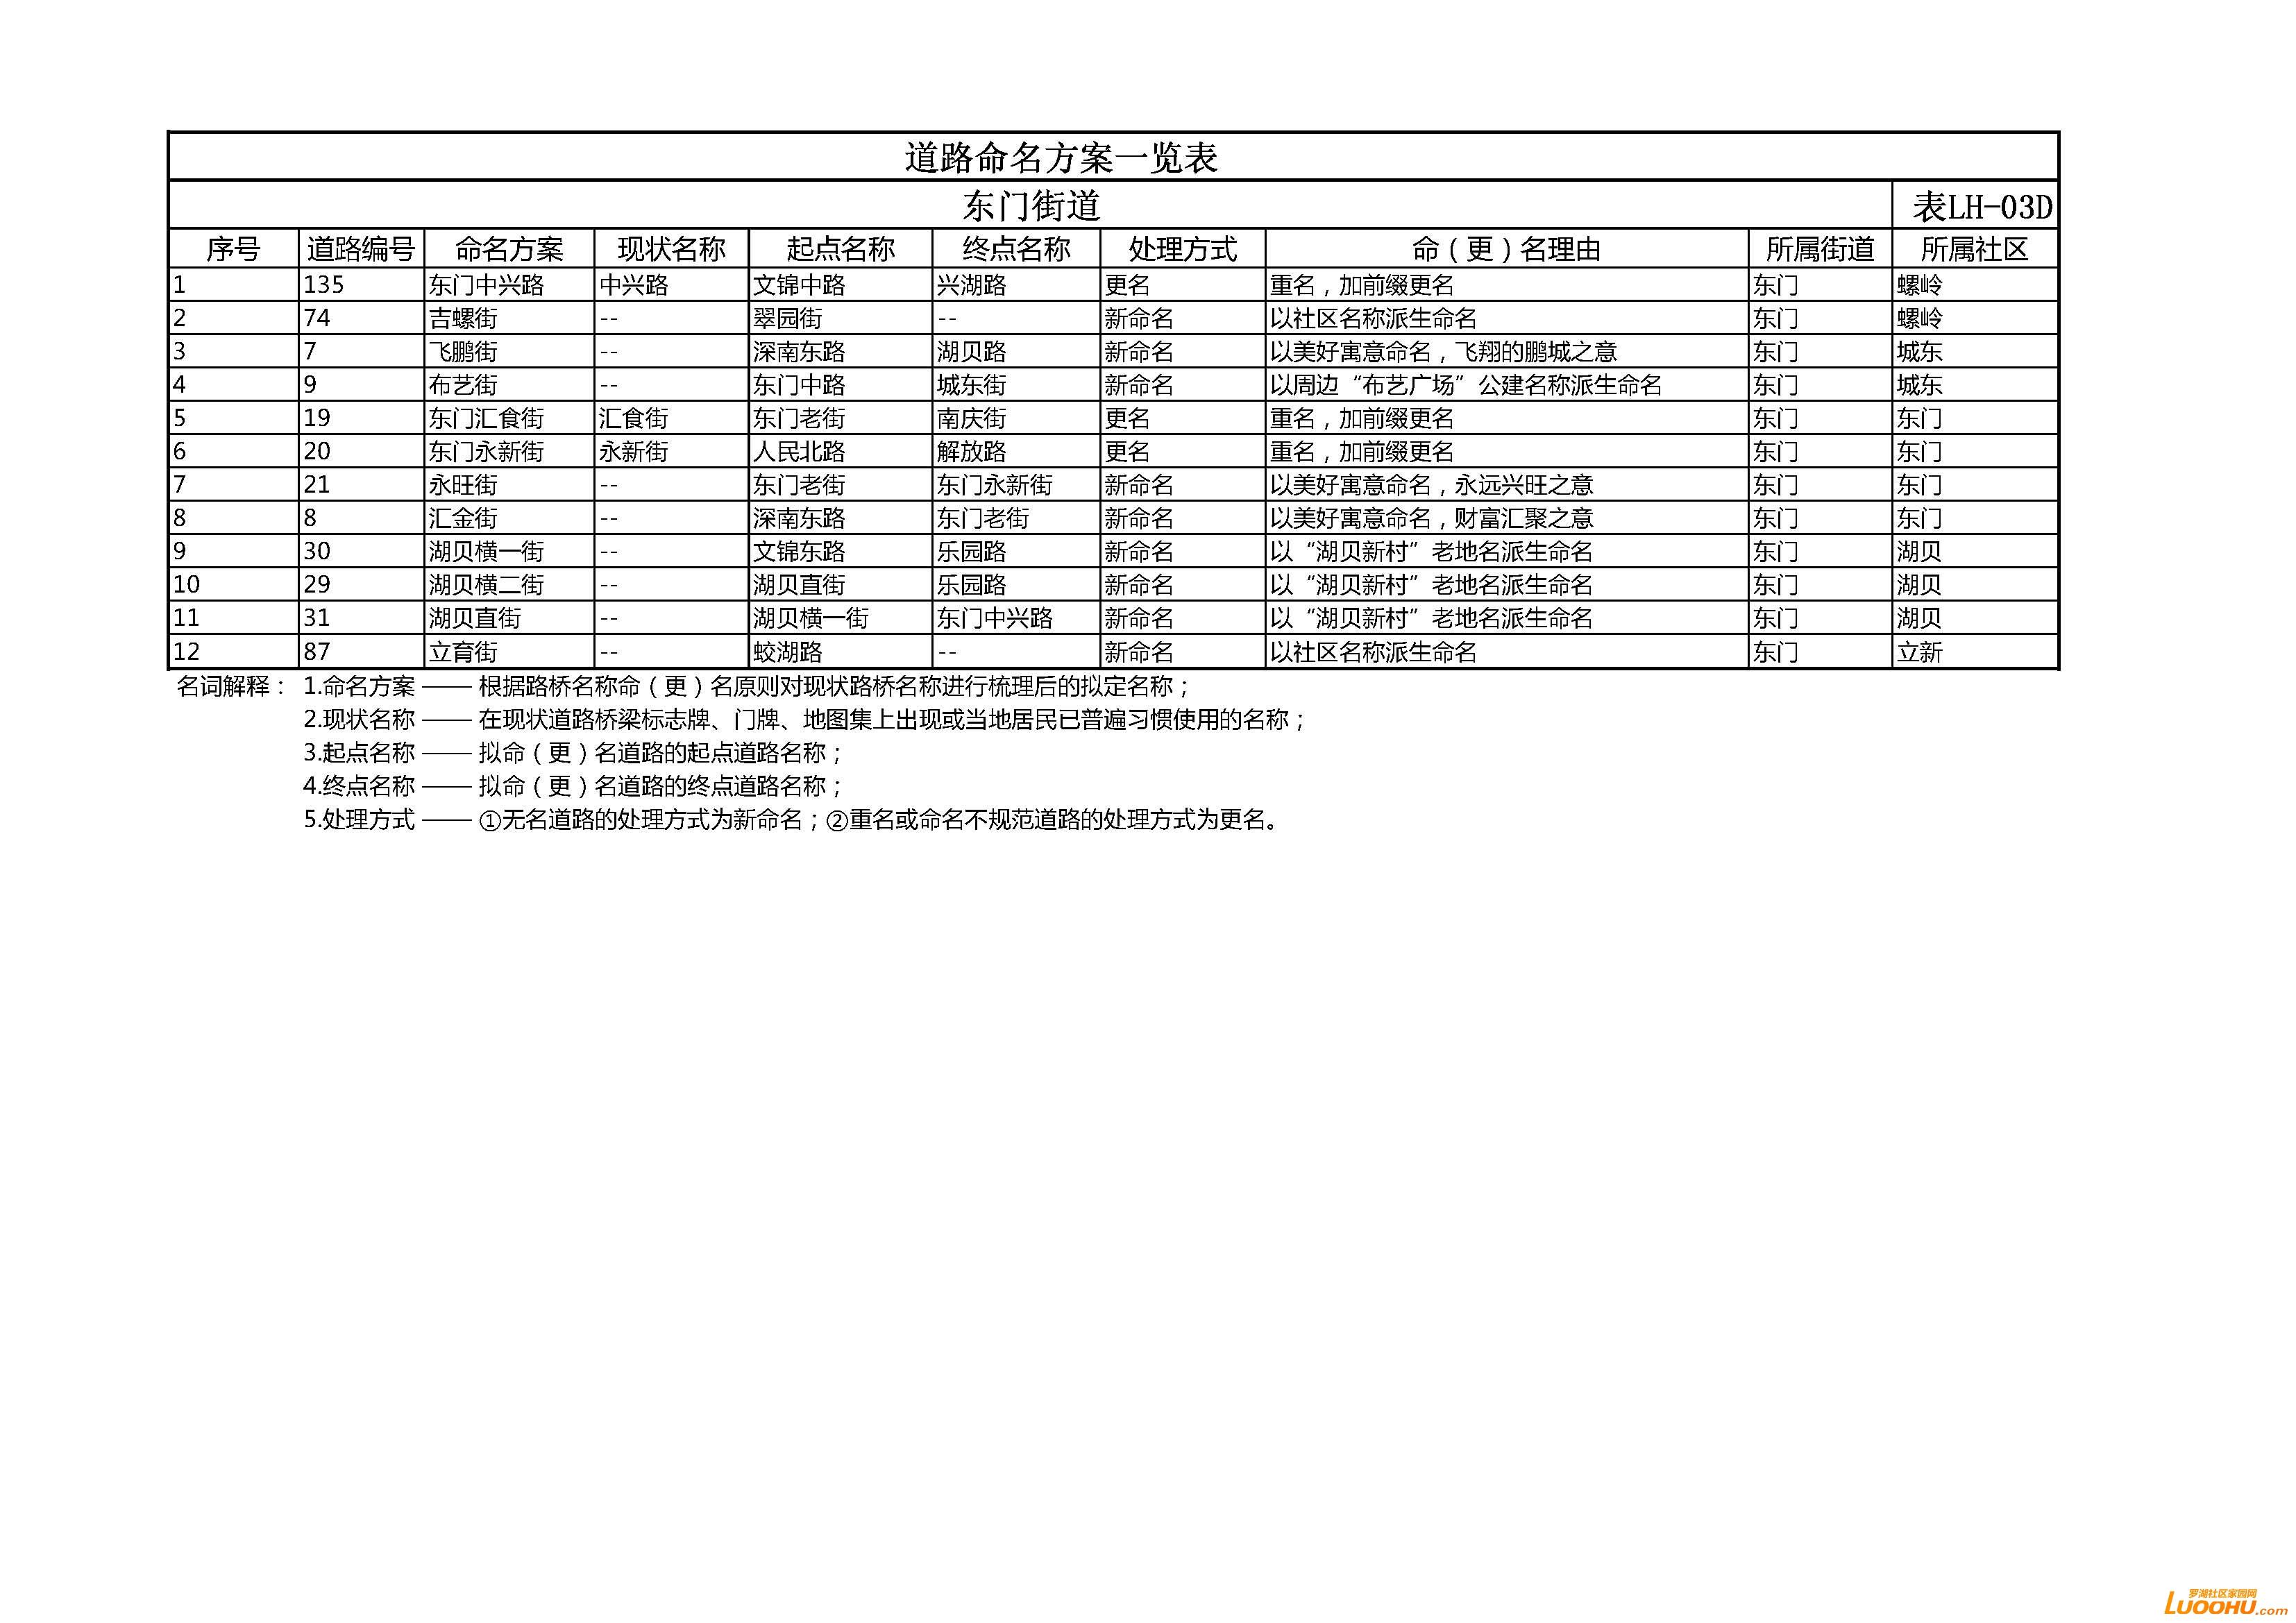 表LH-03D.jpg